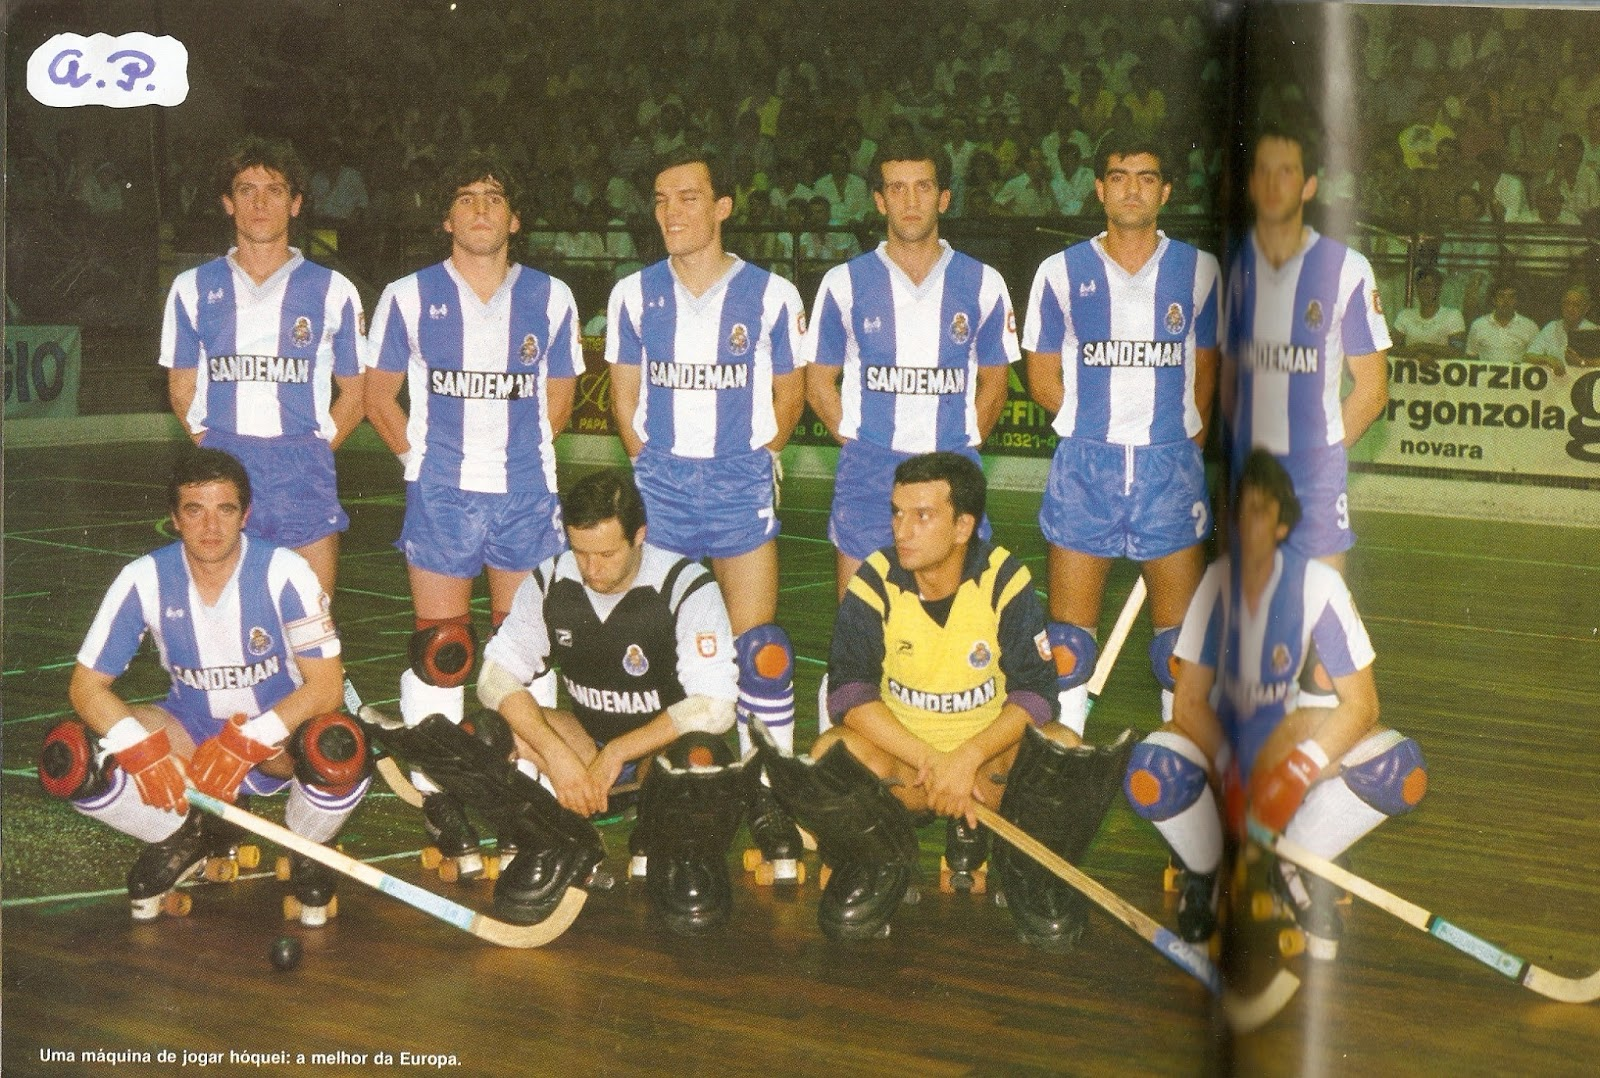 fba7e91efe O hóquei em patins há muito era um desporto com inúmeros adeptos em  Portugal